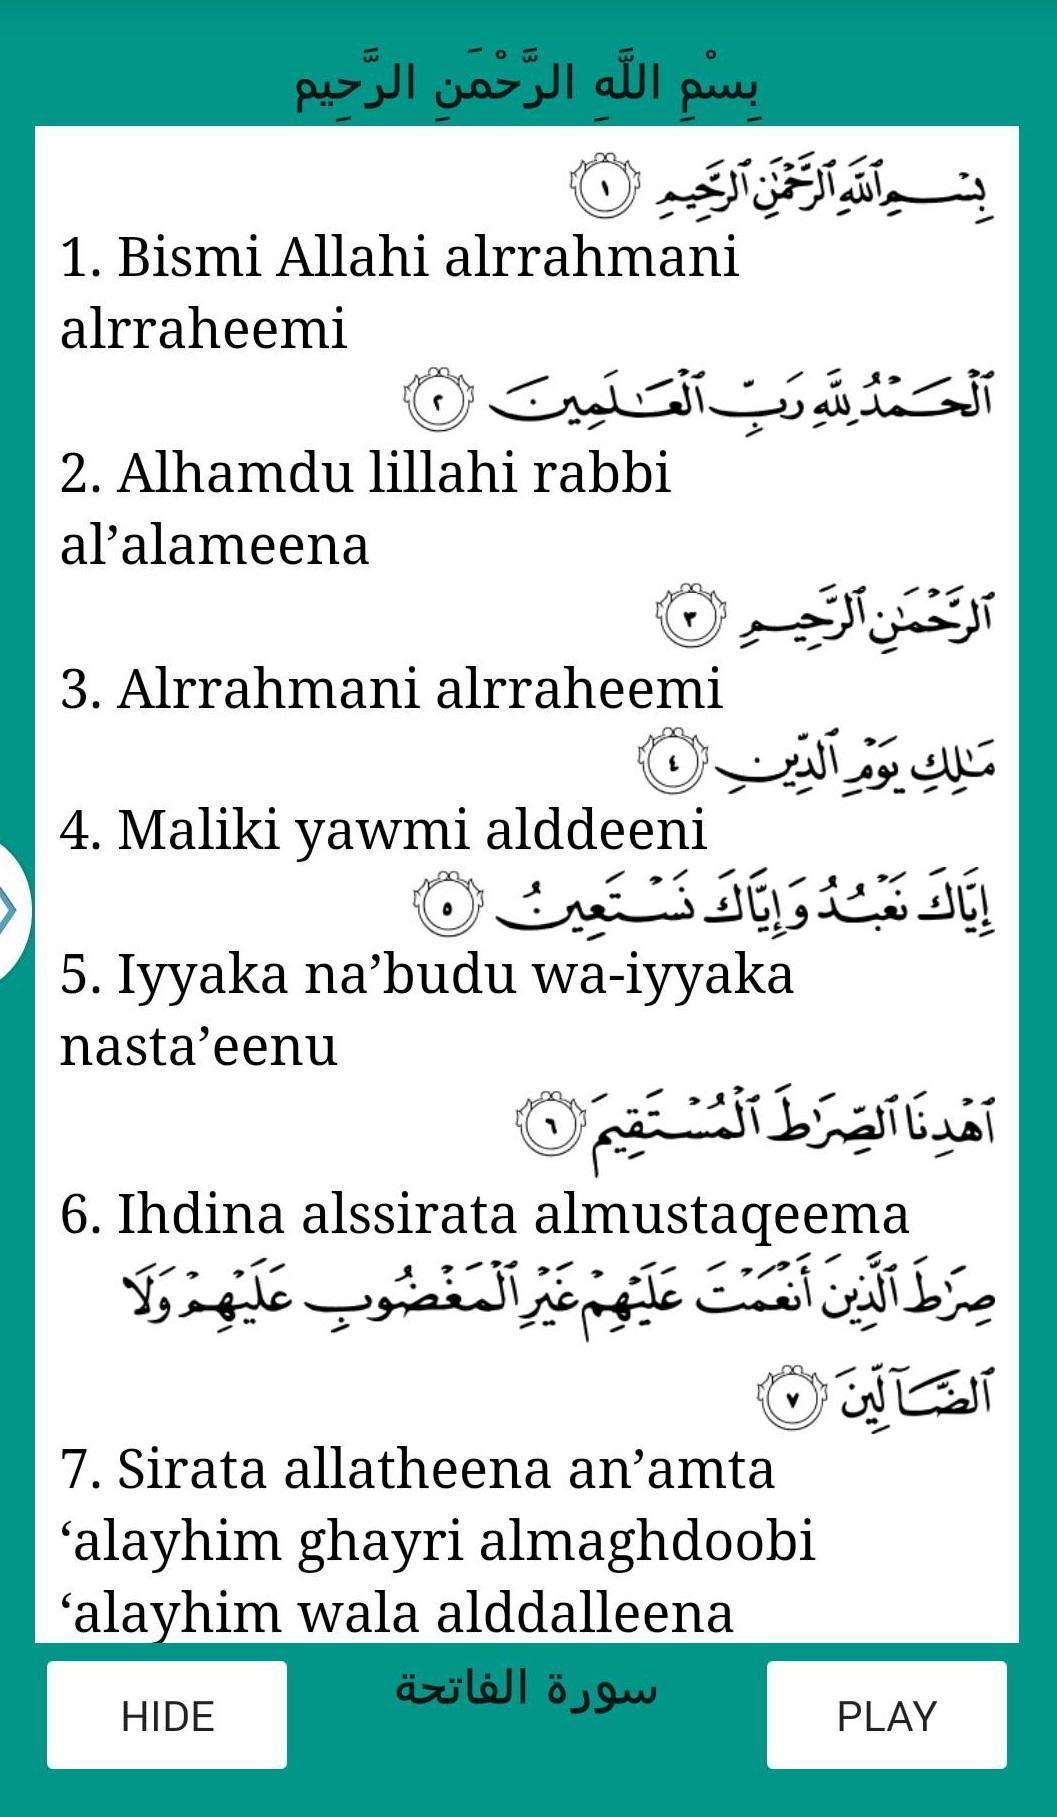 Surat Al Fatiha For Android Apk Download